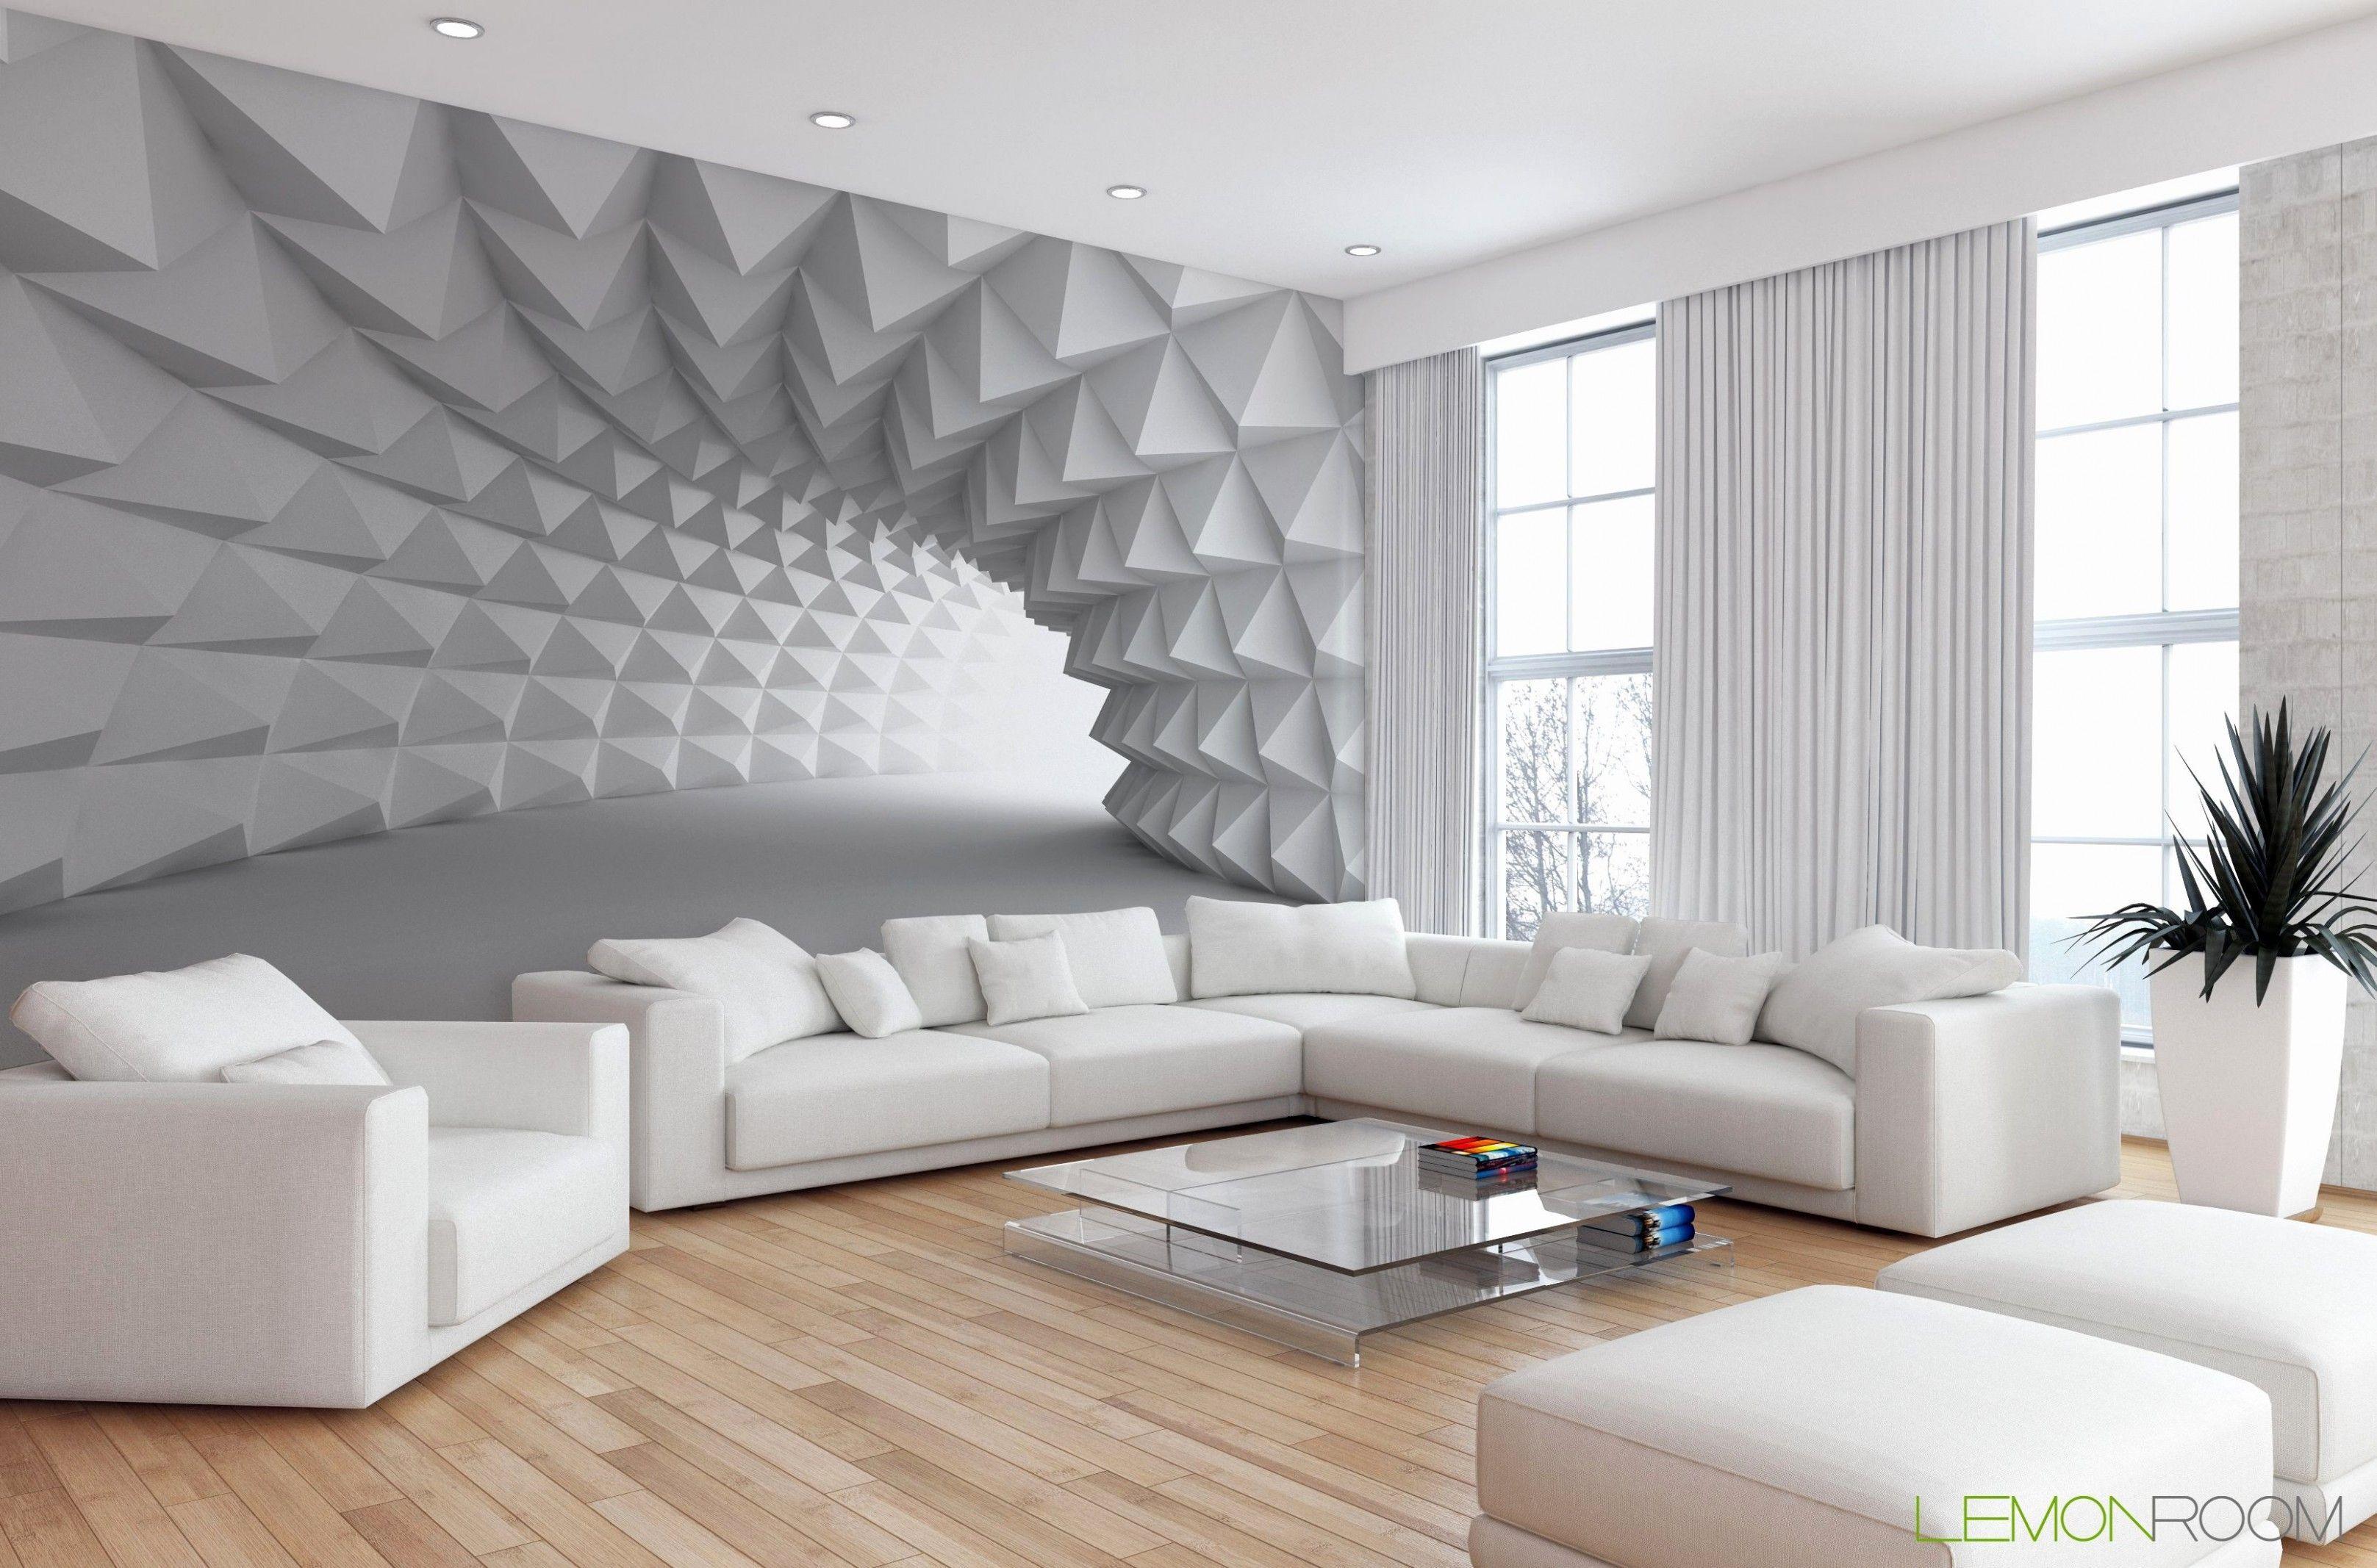 Vliestapete Schlafzimmer Modern  Home wallpaper, Wallpaper living